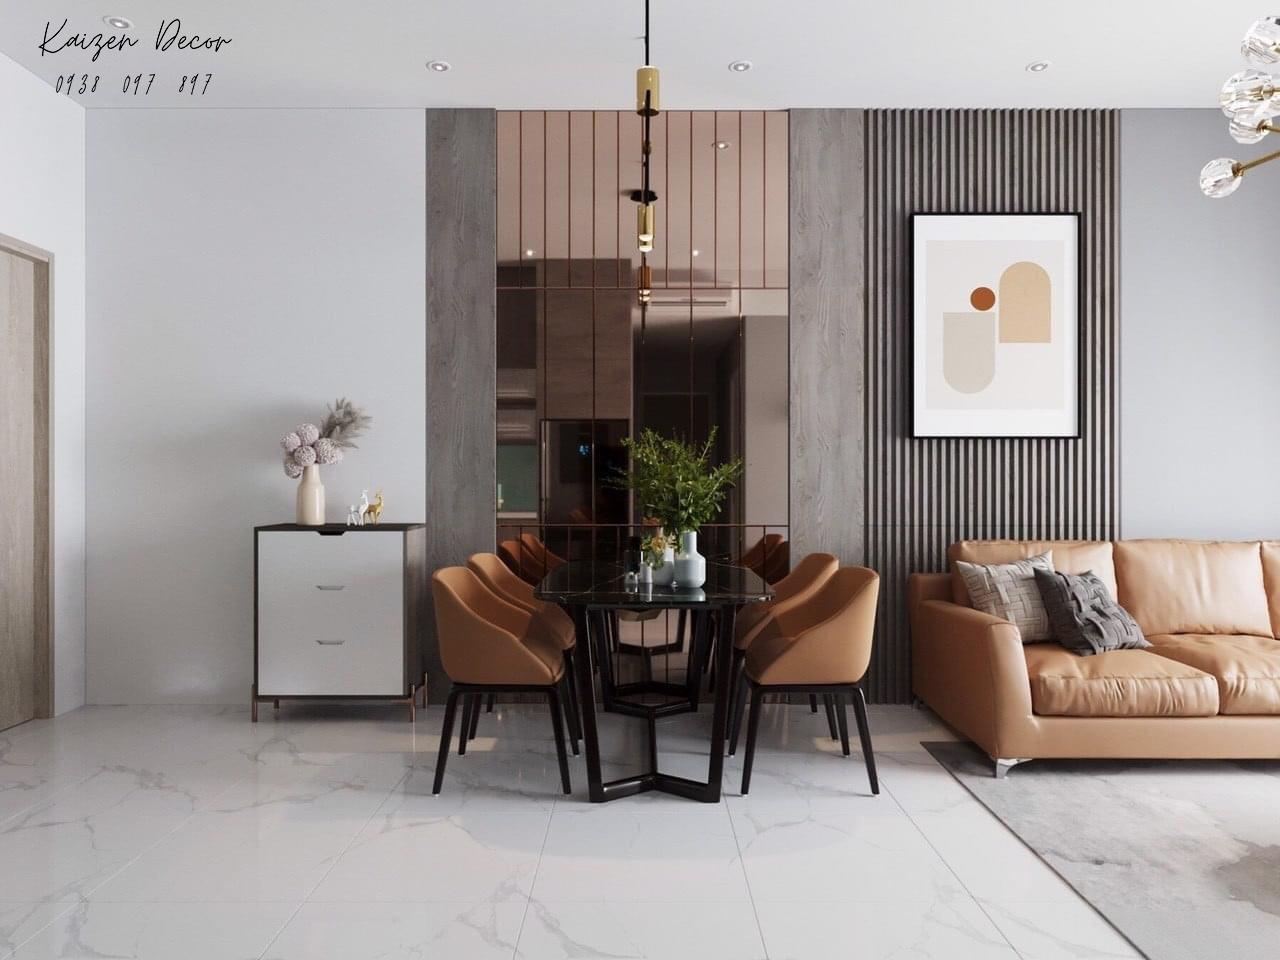 Mẫu bàn ăn 4 ghế dành cho chung cư